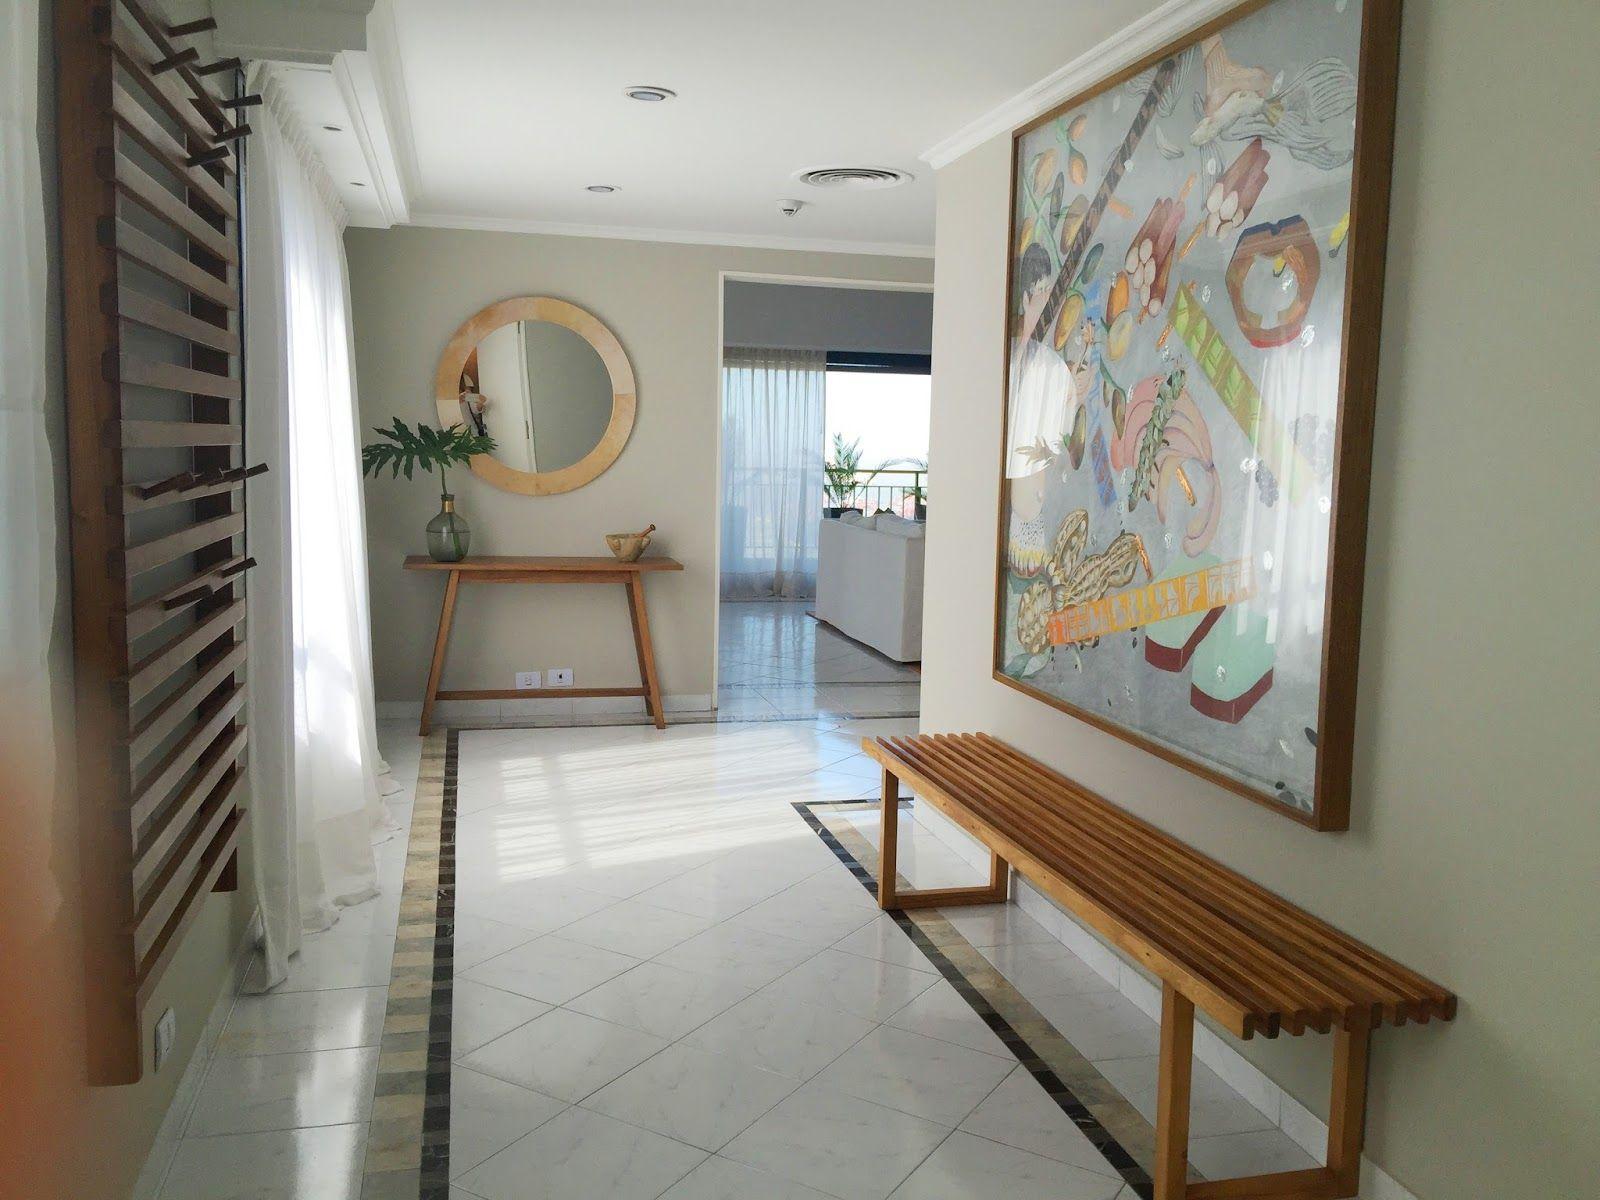 Hall Entrada Barto 018 Jpg 1 600 1 200 Pixeles Entradas  # Muebles El Gigante Saltillo